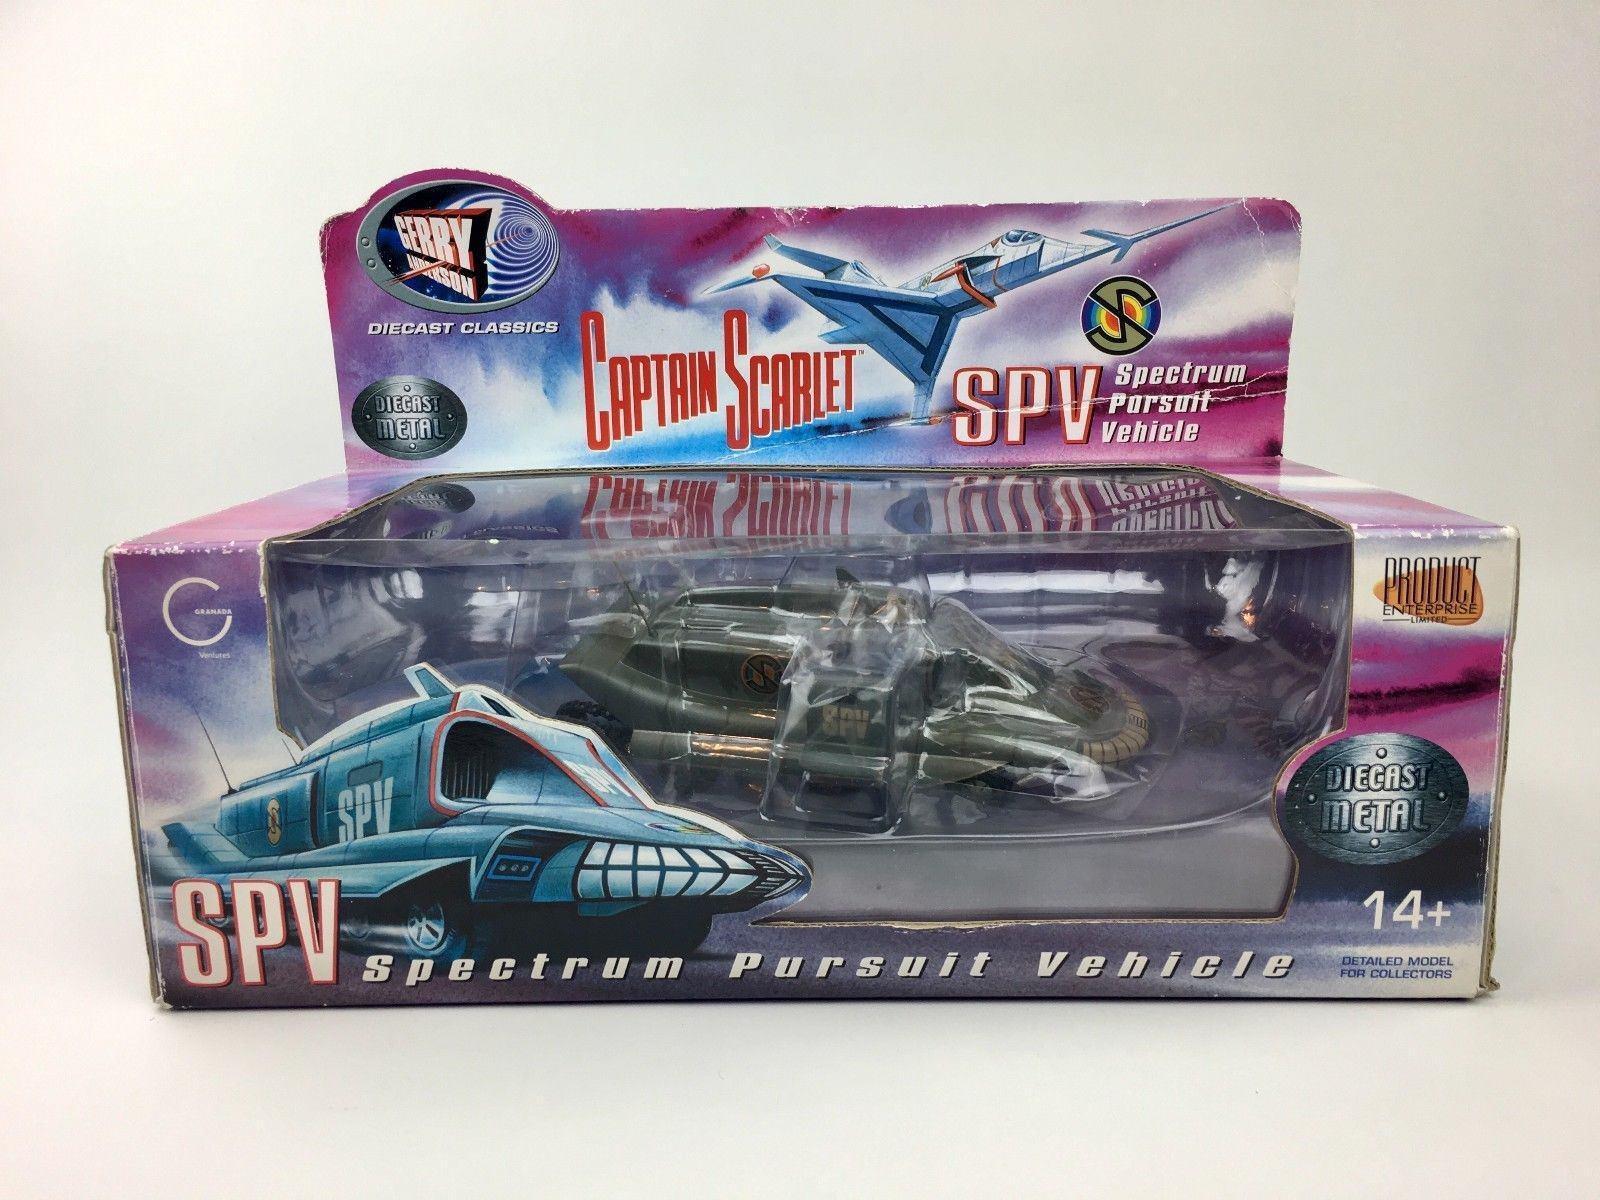 Raro MODELLO DieCast SPV Spectrum Pursuit Vehicle CAPITAN SCARLET Originale